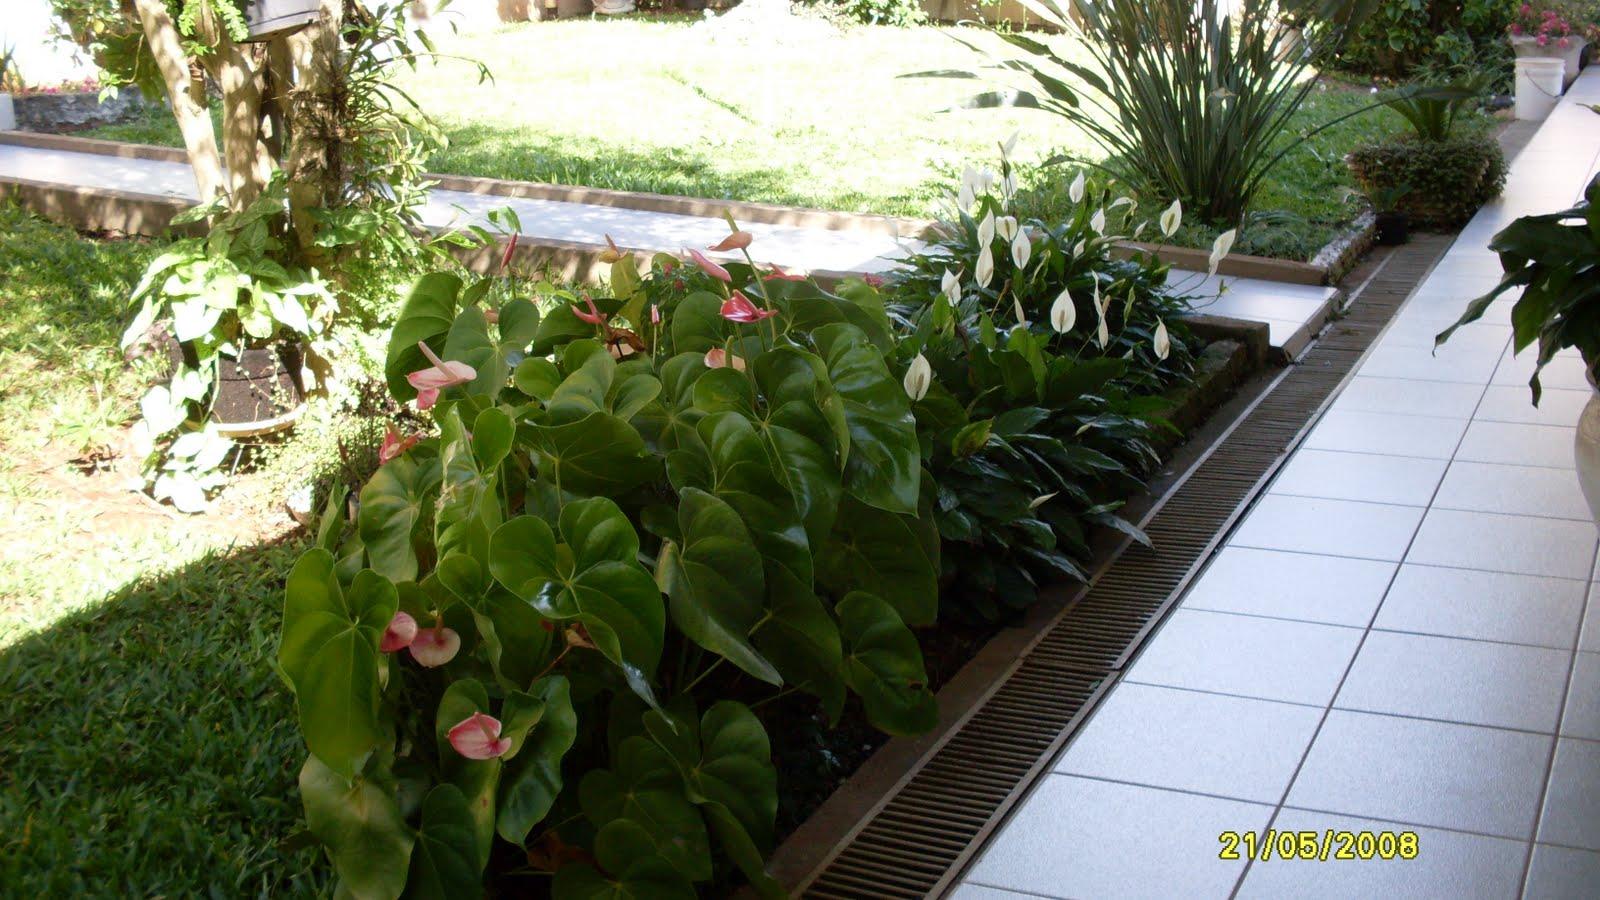 flores jardim sombra:Canteiro de Antúrios e Lírios da Paz , está pegando sol,